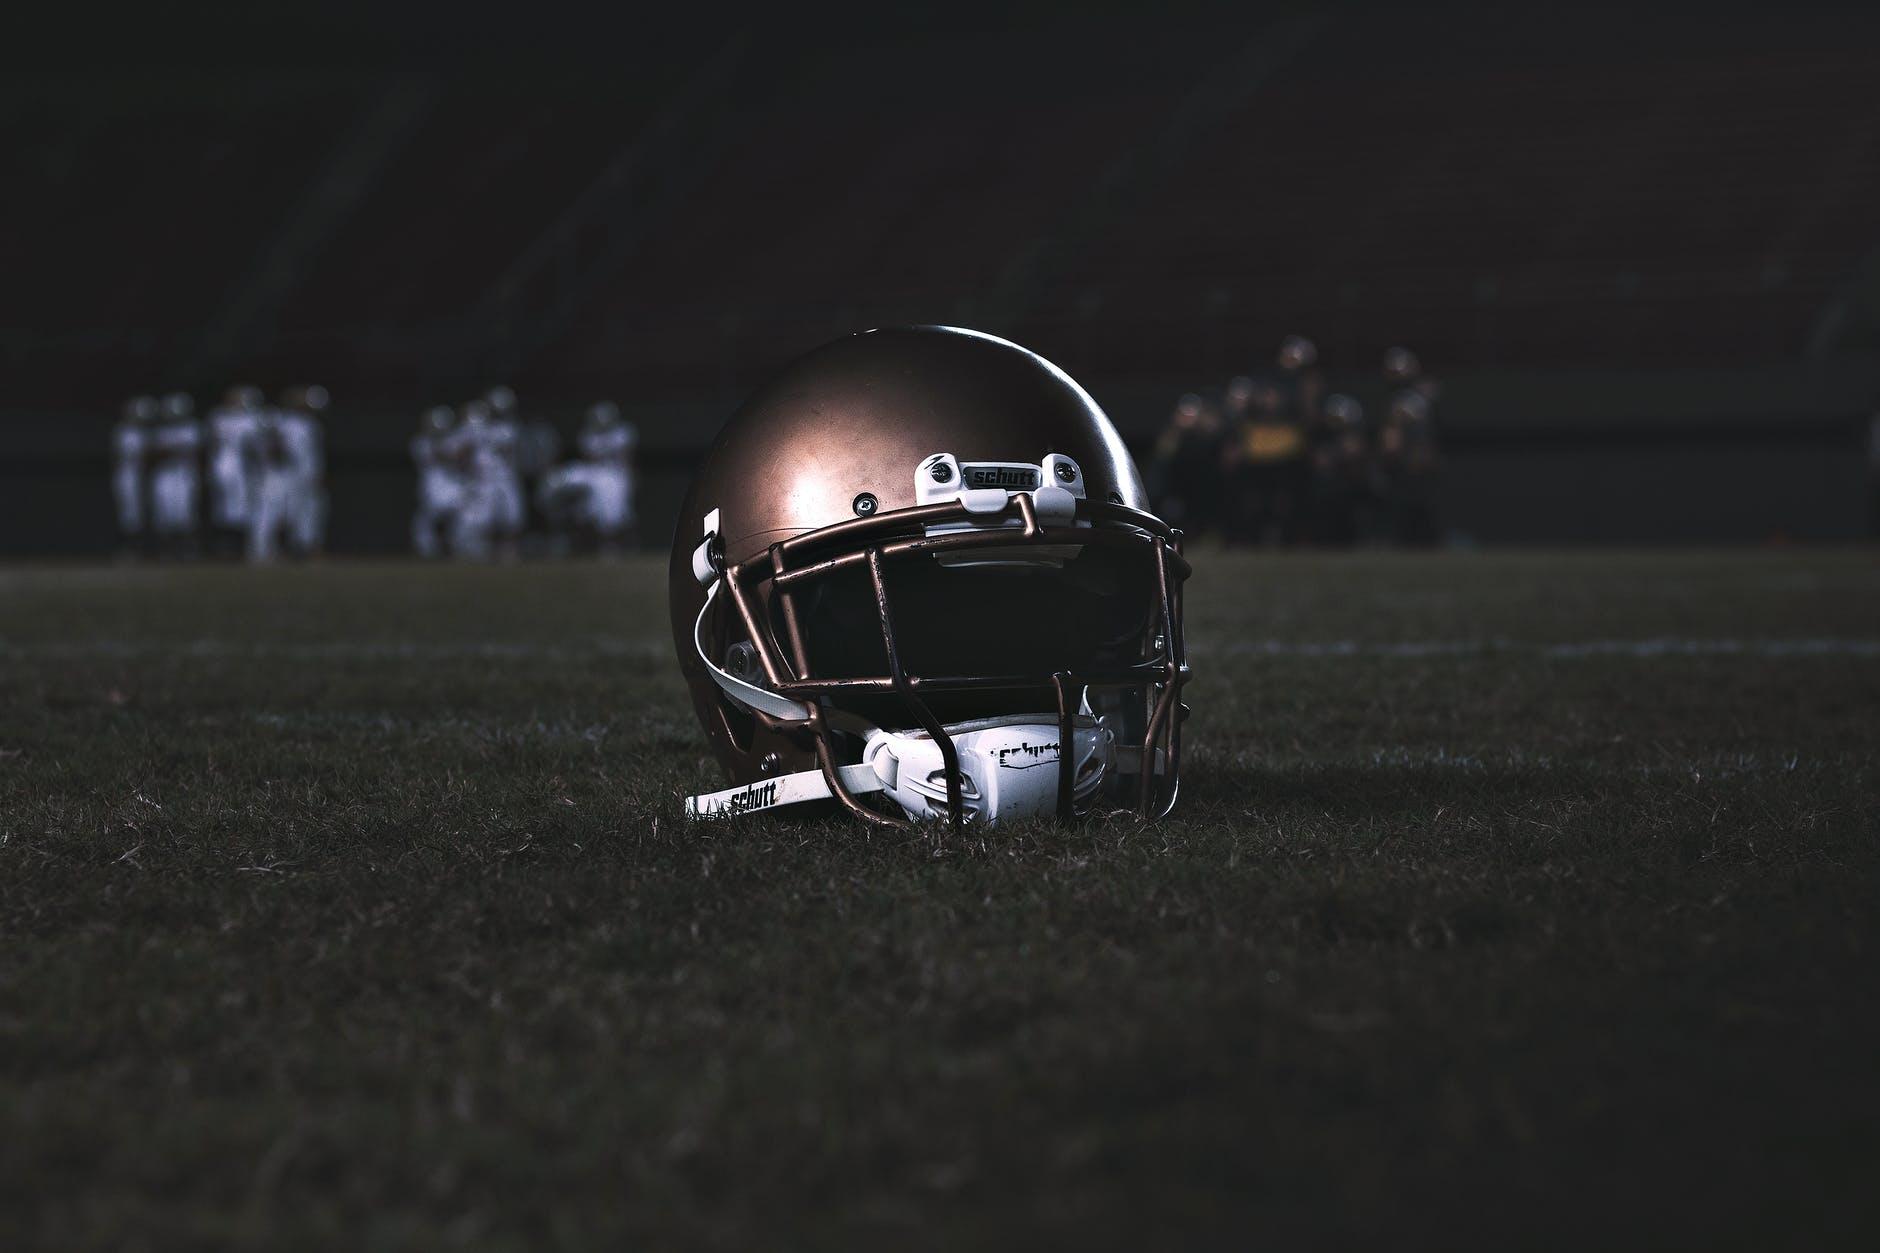 Football helmet on the ground